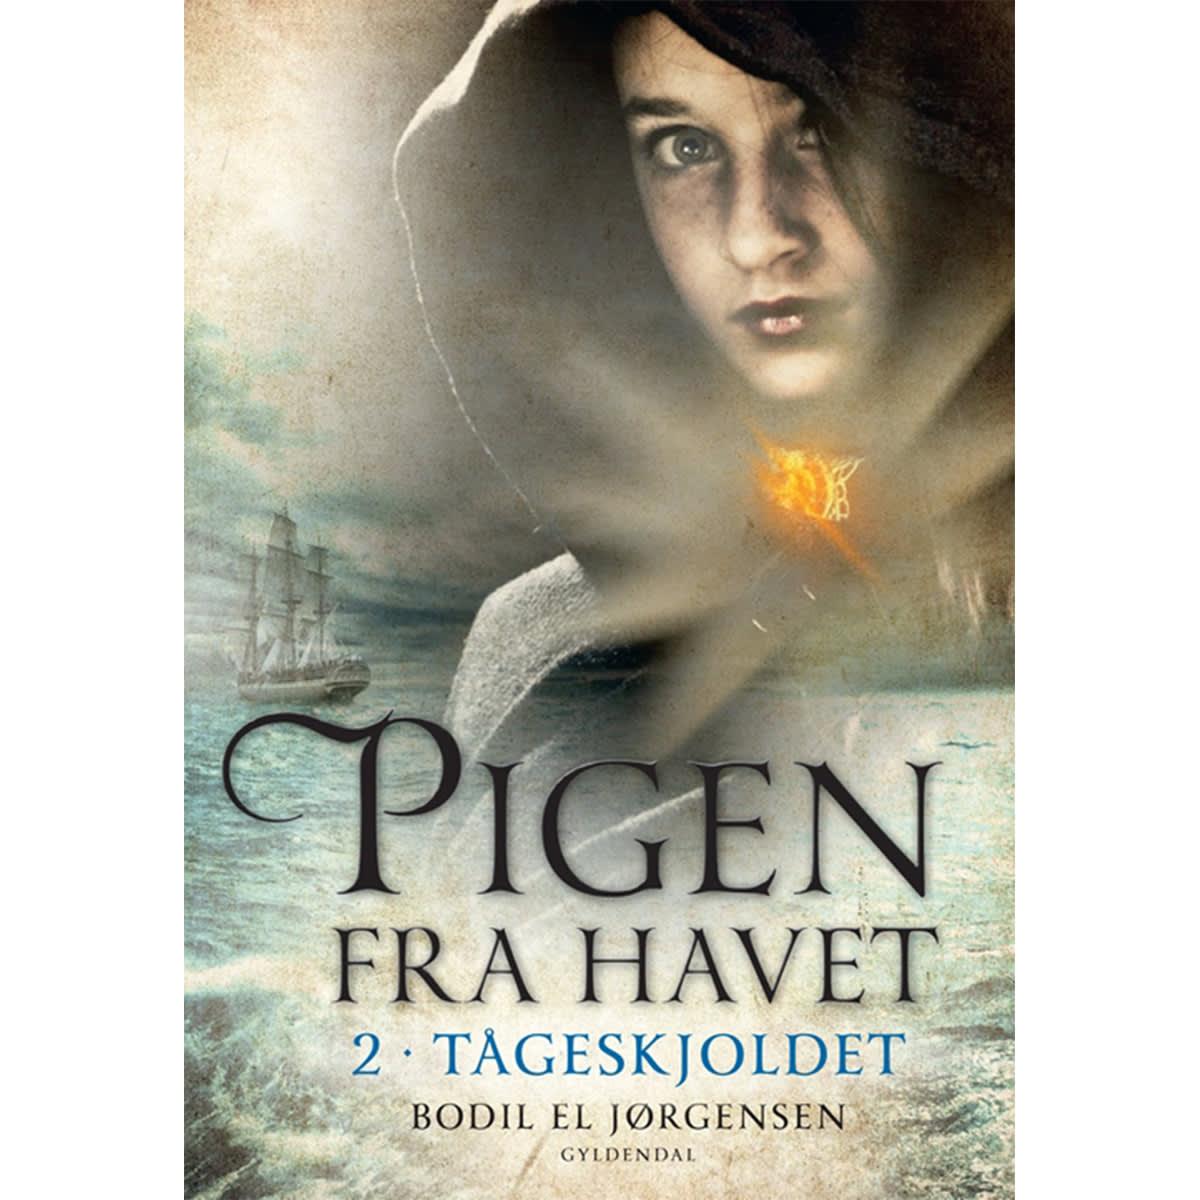 Af Bodil El Jørgensen